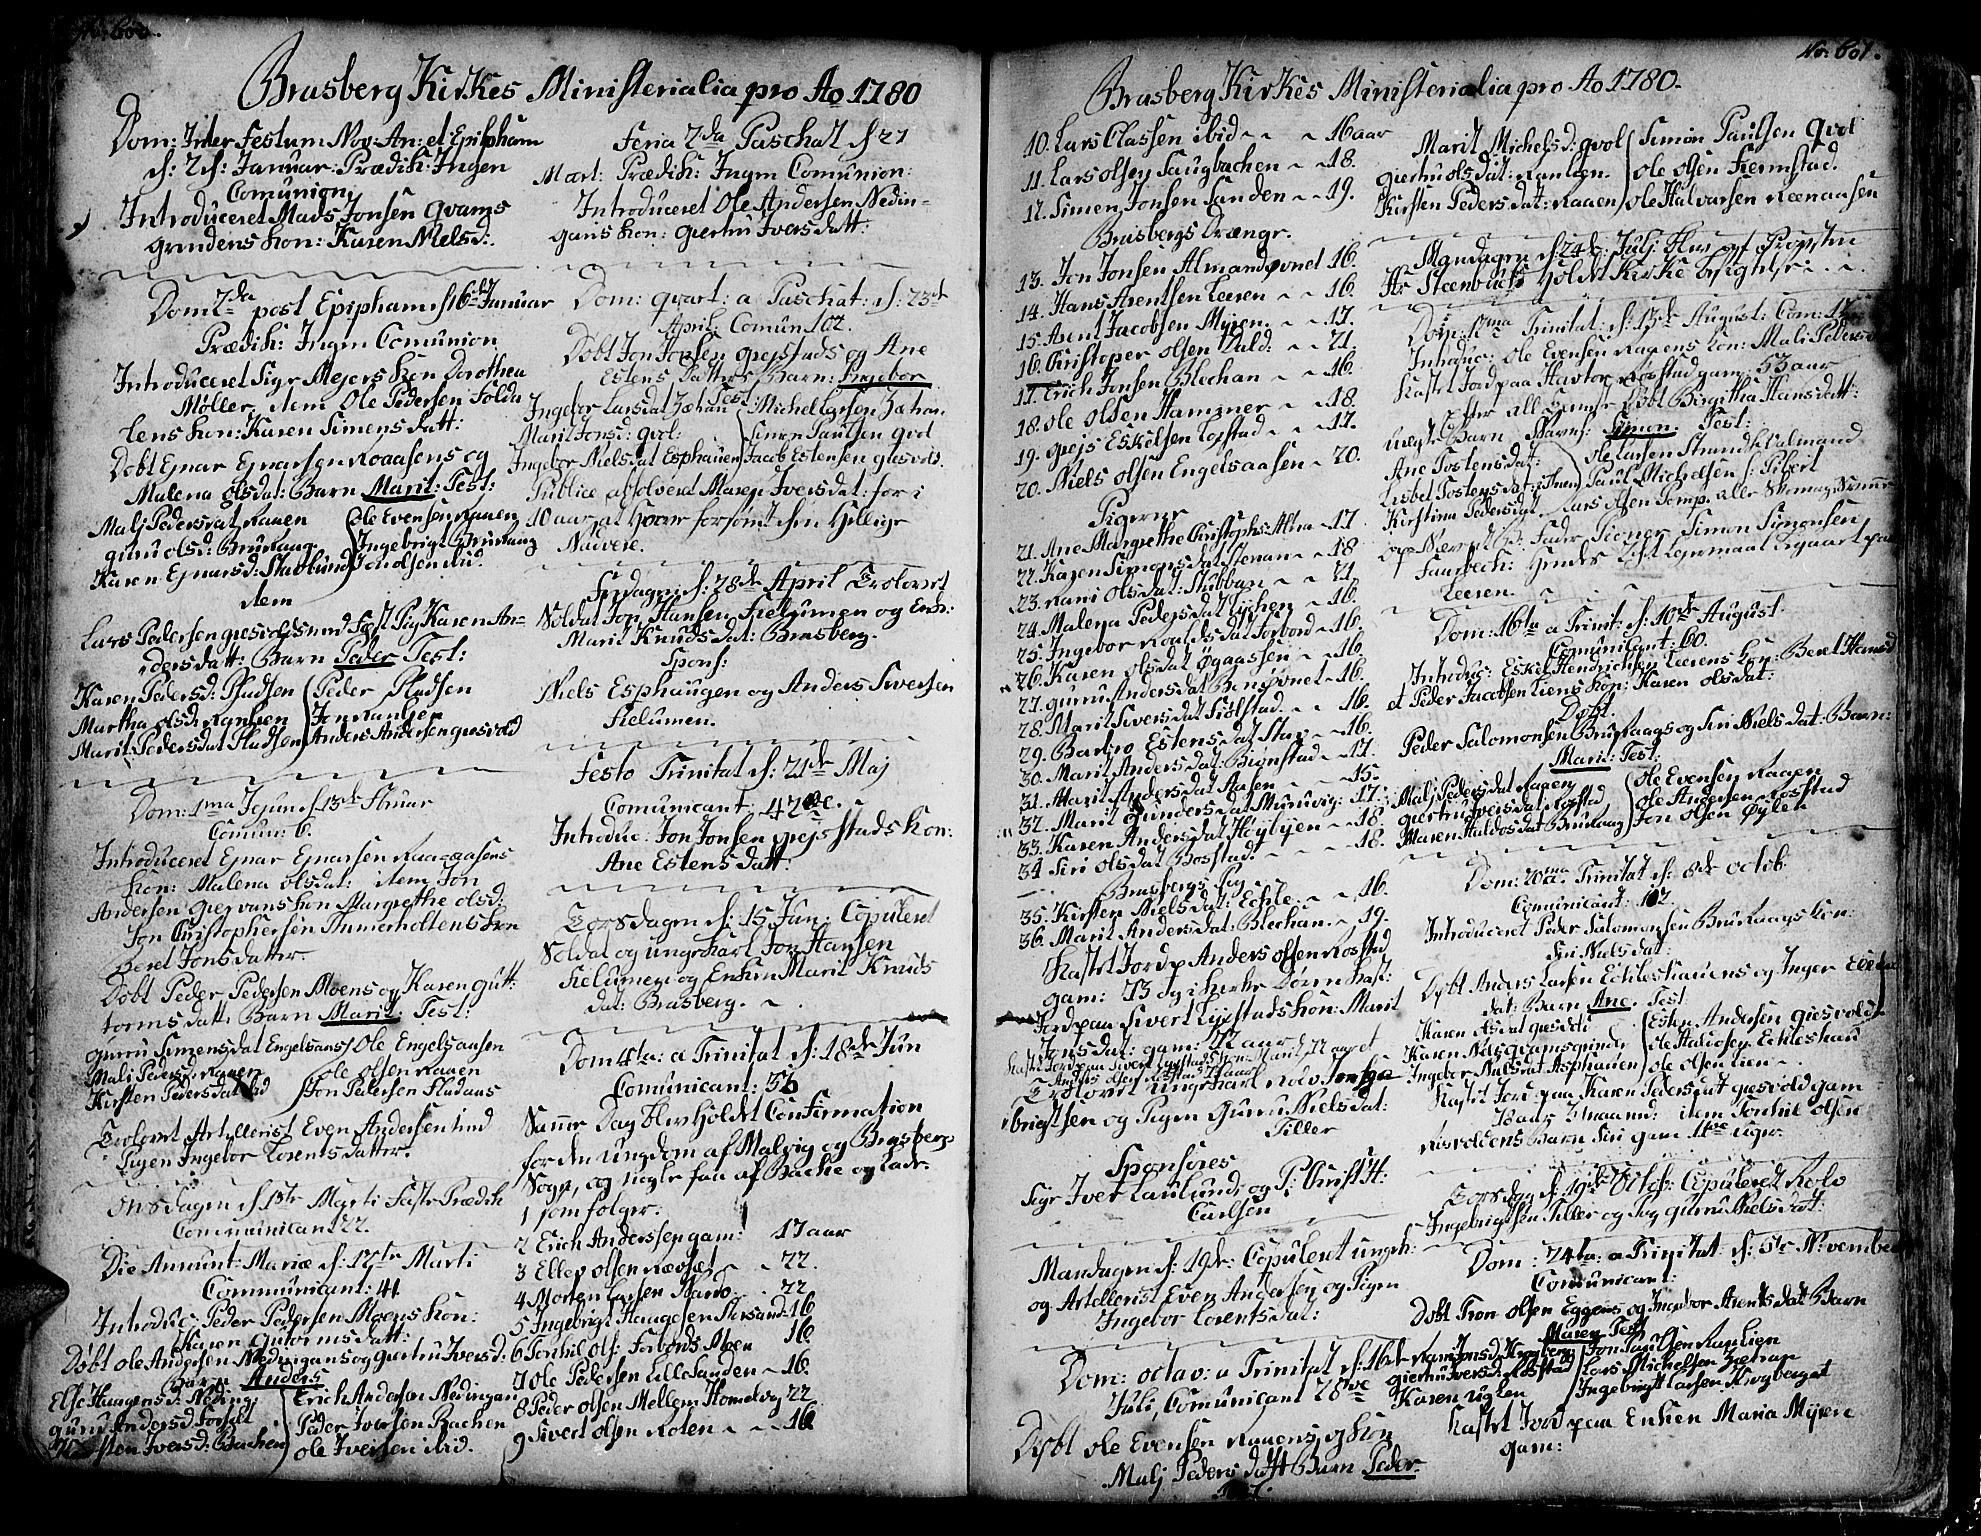 SAT, Ministerialprotokoller, klokkerbøker og fødselsregistre - Sør-Trøndelag, 606/L0278: Ministerialbok nr. 606A01 /4, 1727-1780, s. 600-601